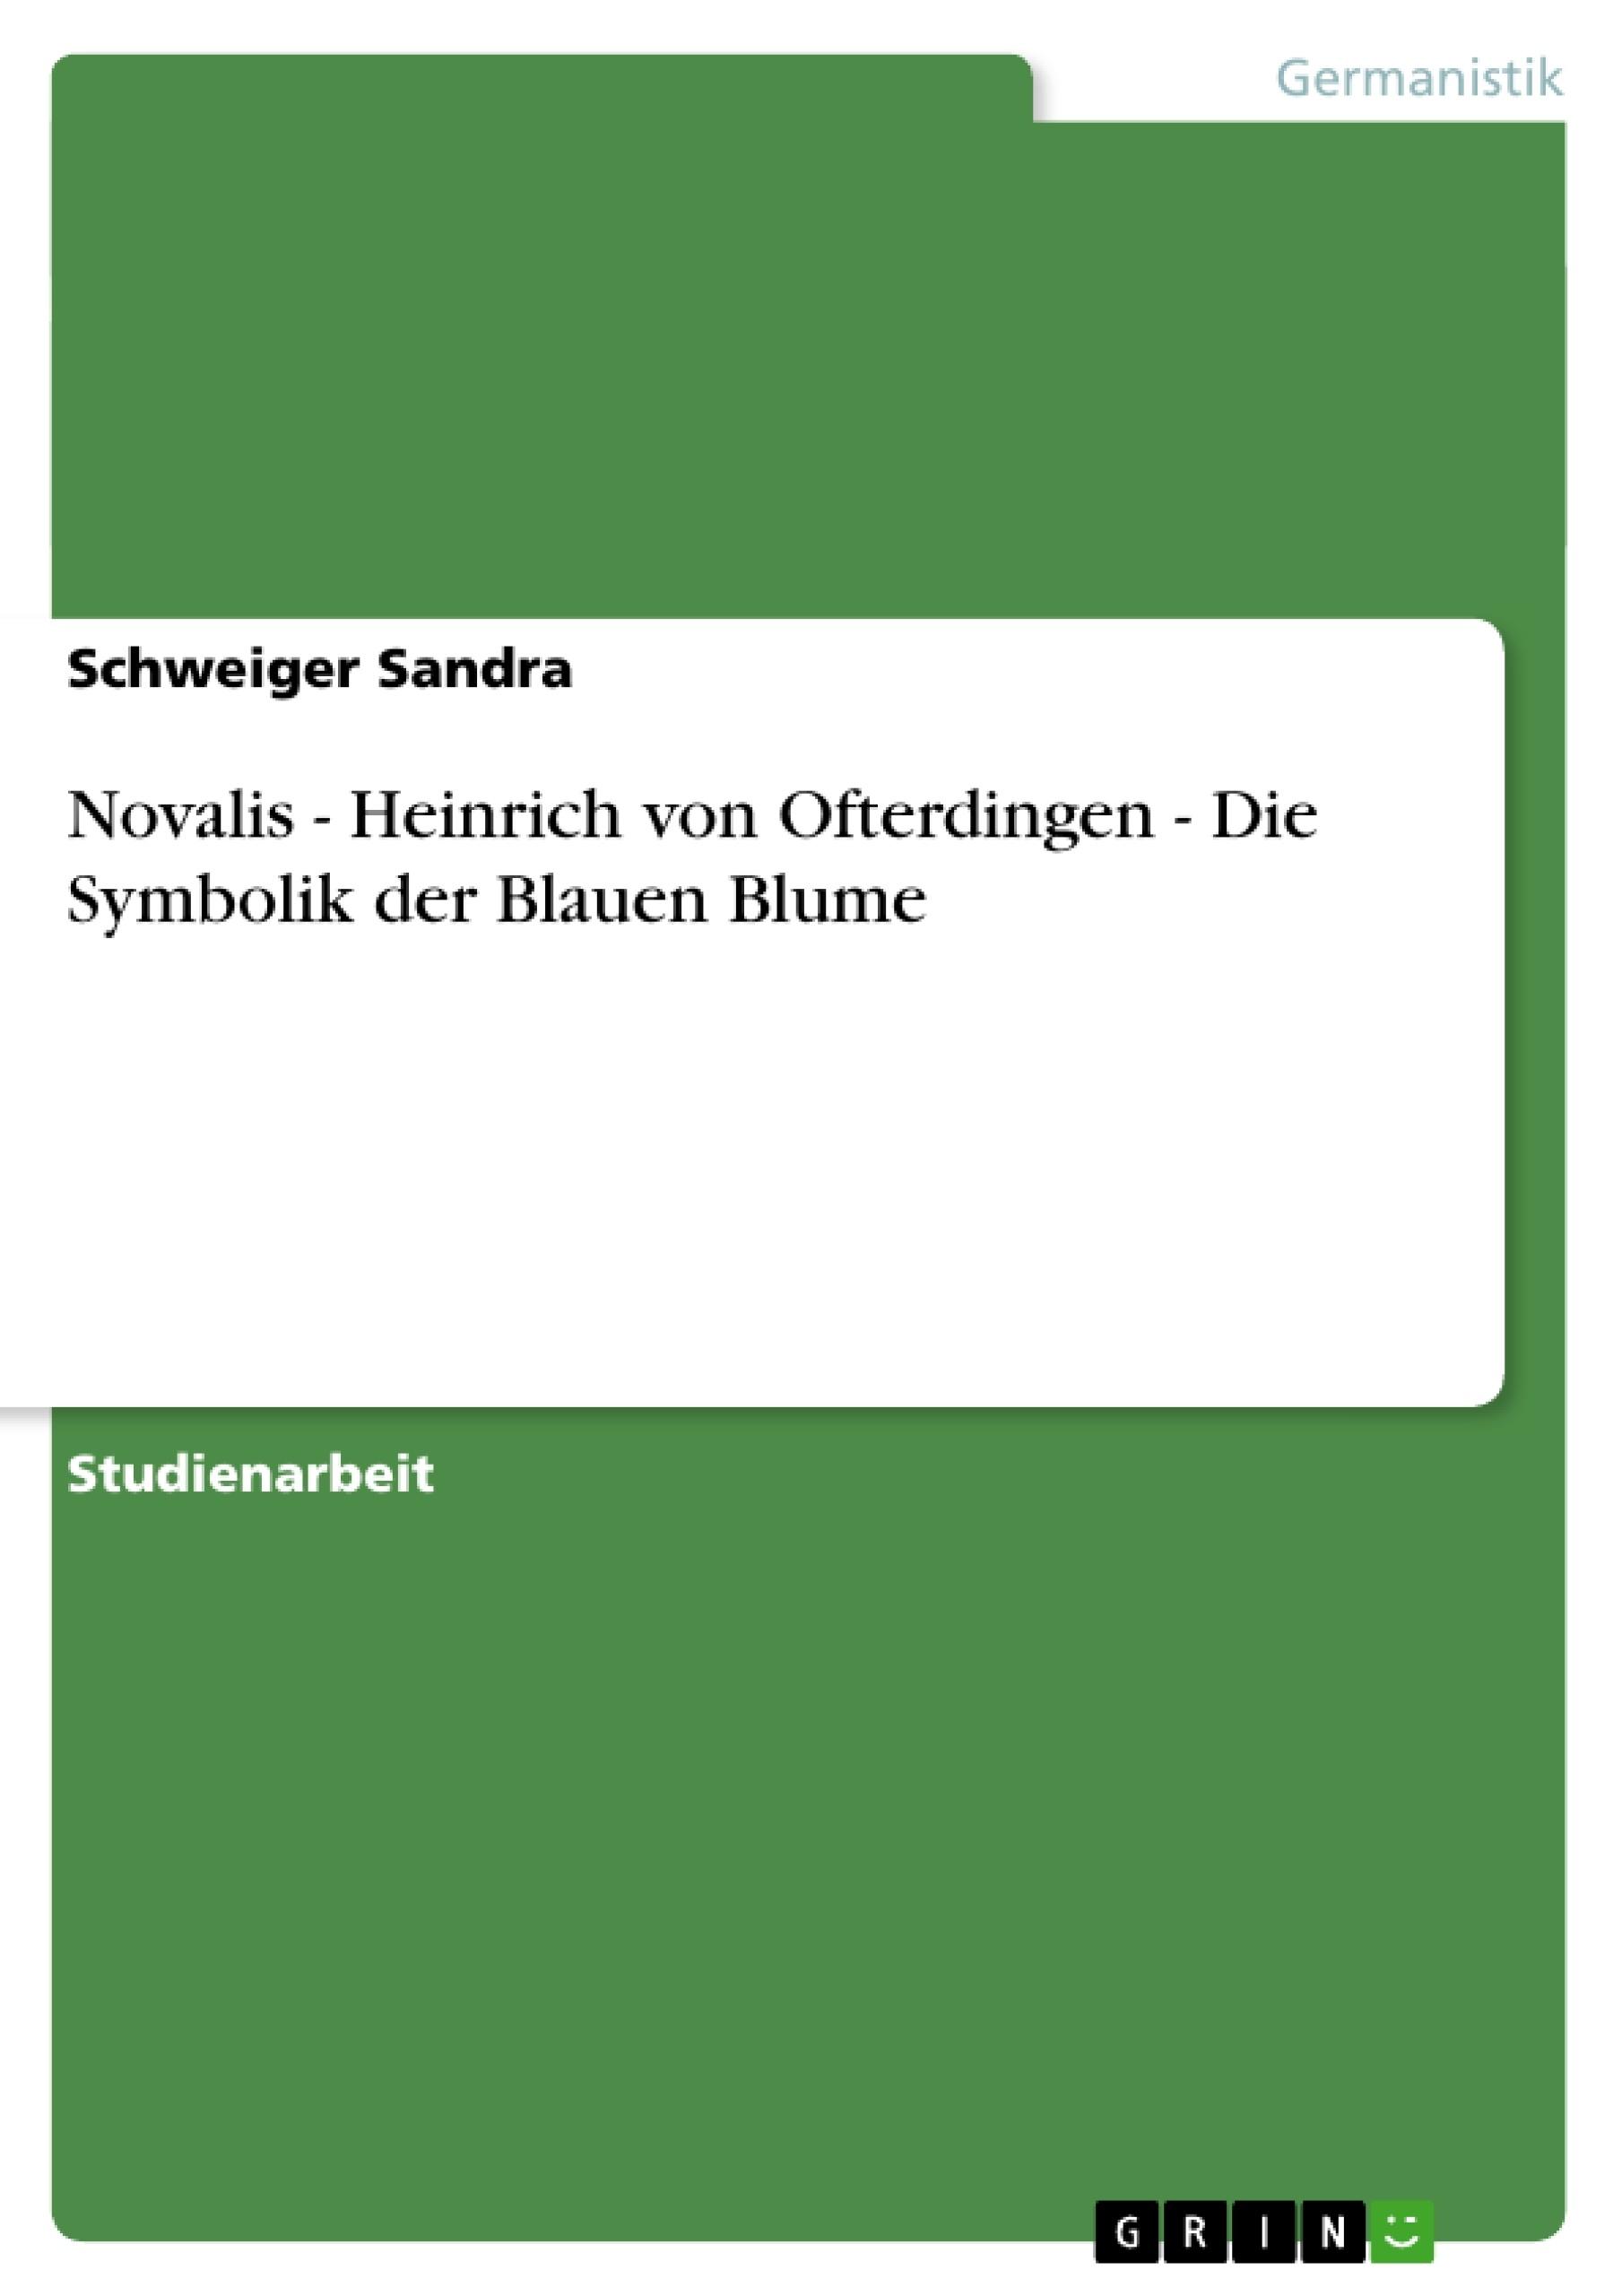 Titel: Novalis - Heinrich von Ofterdingen - Die Symbolik der Blauen Blume